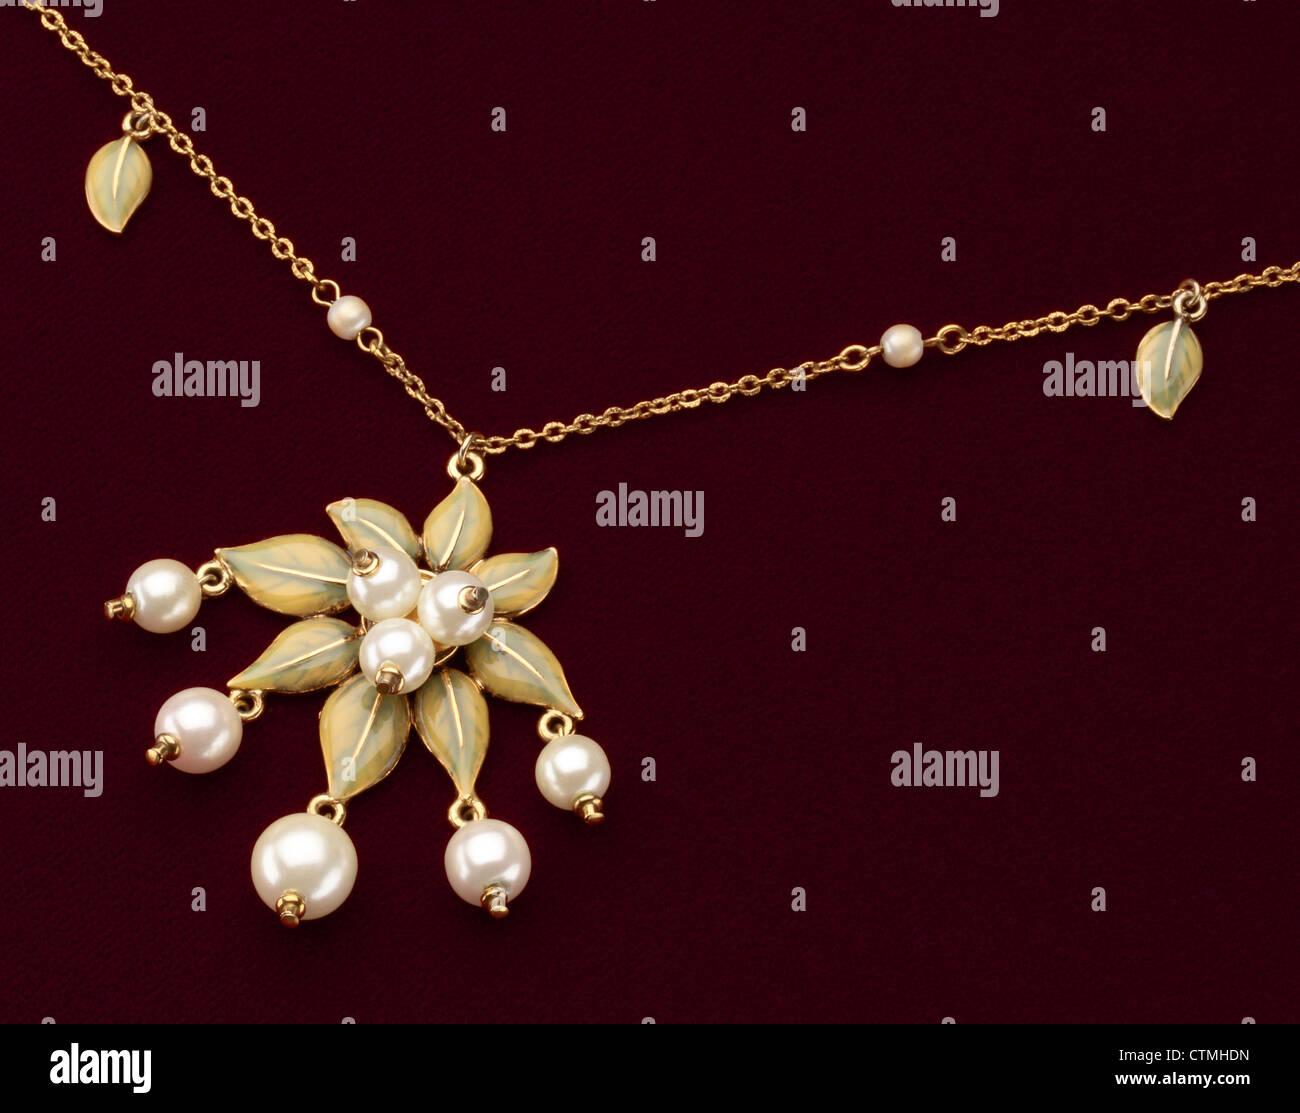 Modeschmuck. Eine Nahansicht des eine goldene Halskette mit Blumen und Perlen Perlen. Stockbild